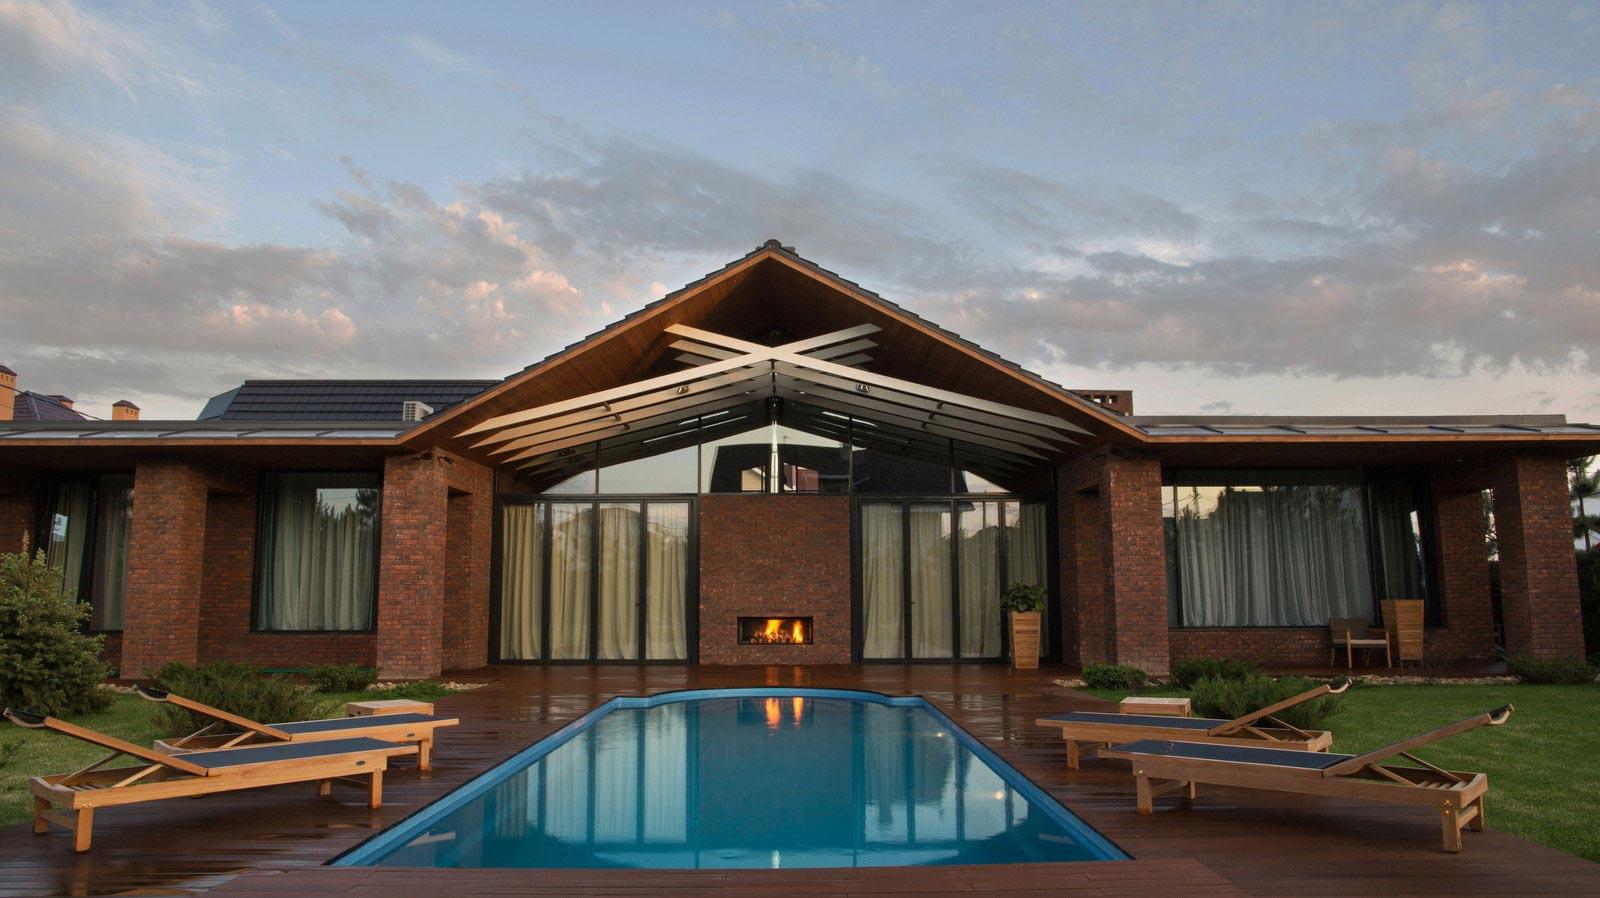 Casa de un piso de 390 metros cuadrados construye hogar for Casas modernas fachadas de un piso